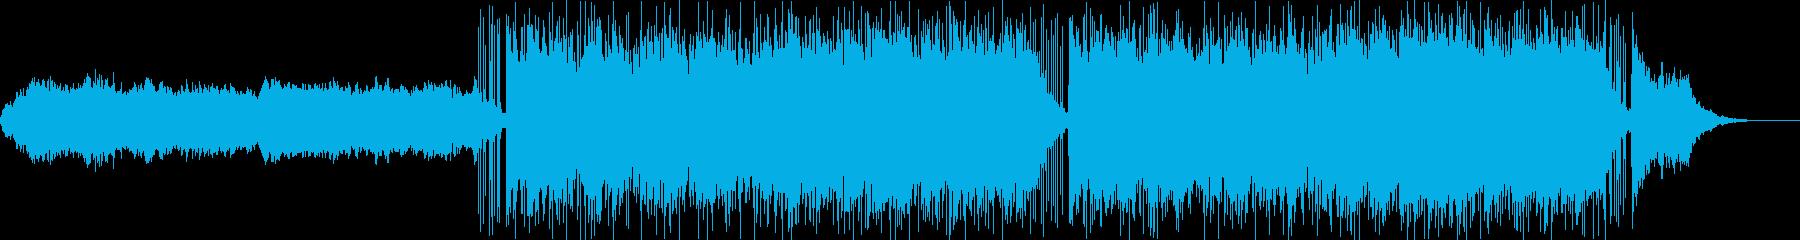 神秘的でアンデス系のダンスWAVの再生済みの波形